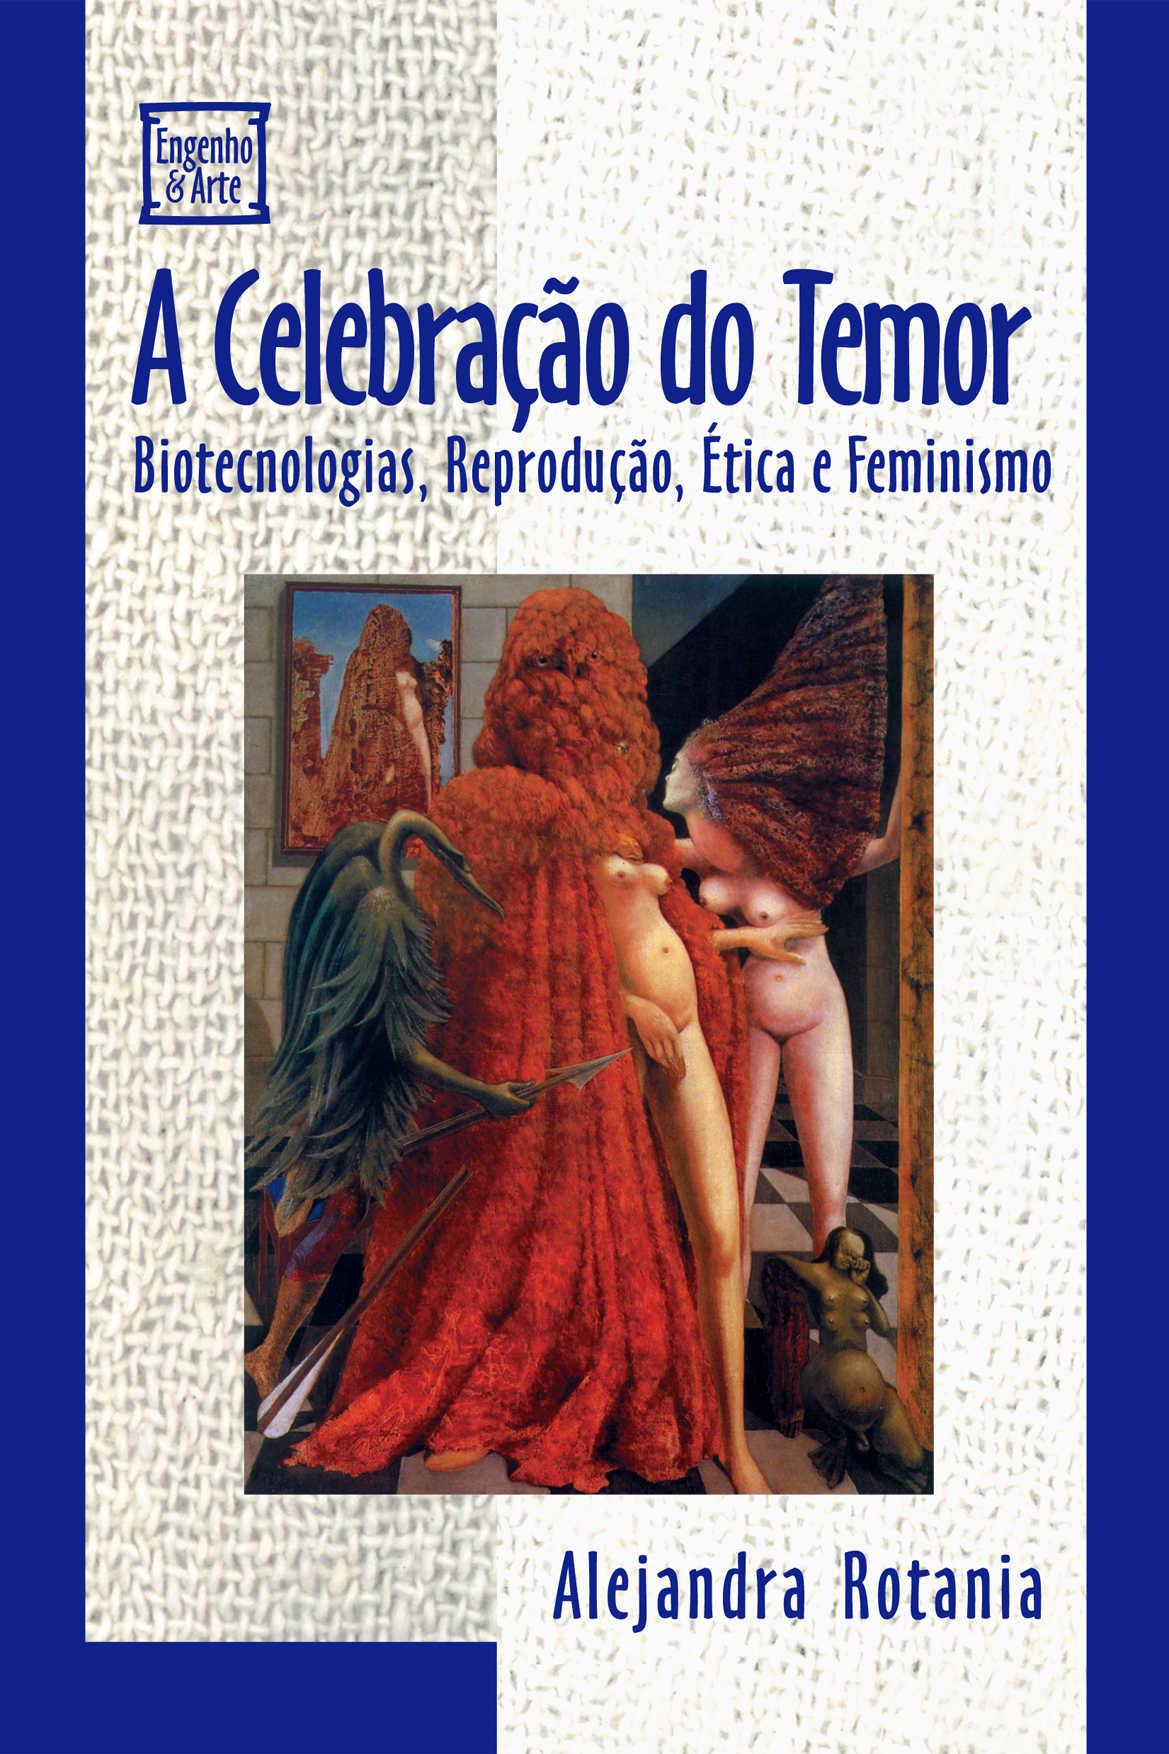 A Celebração do Temor: Biotecnologias, Reprodução, Ética e Feminismo